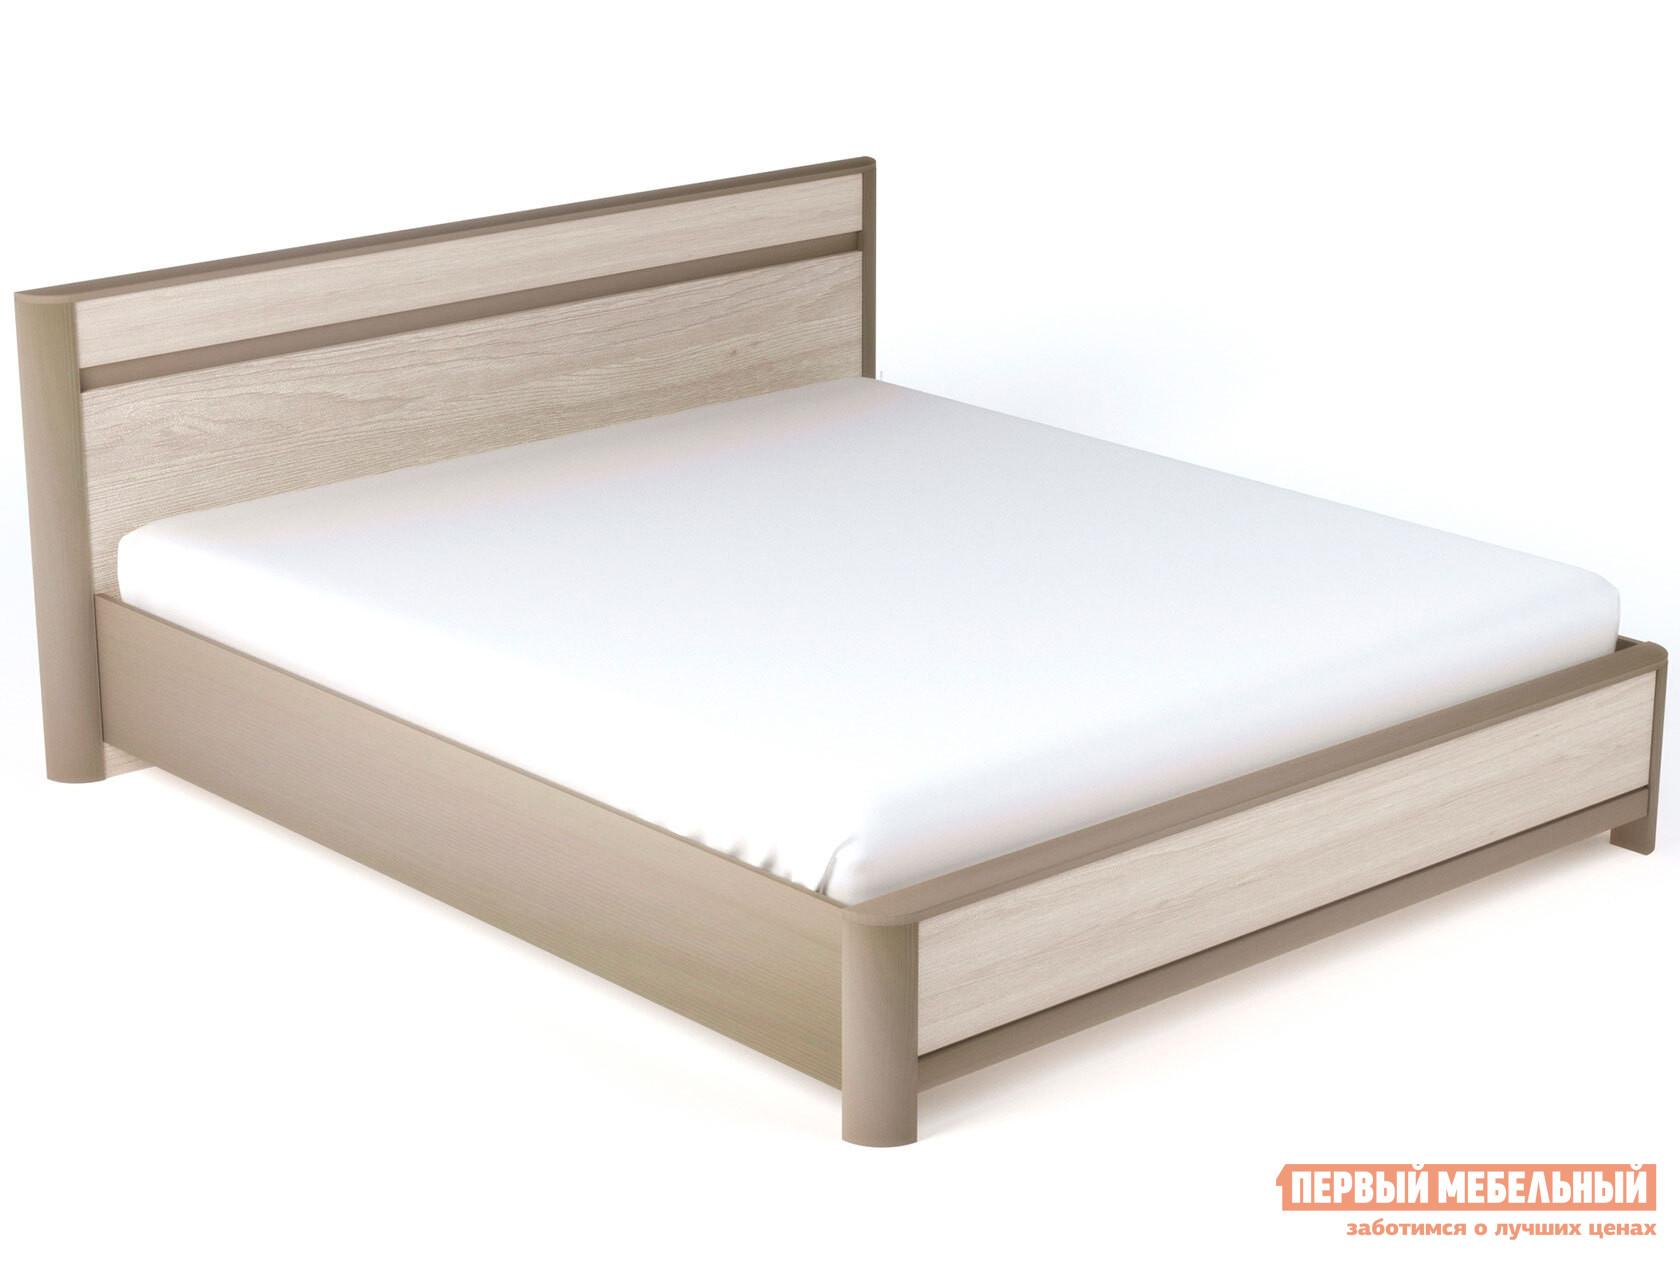 Двуспальная кровать Первый Мебельный Кровать Лацио NEW